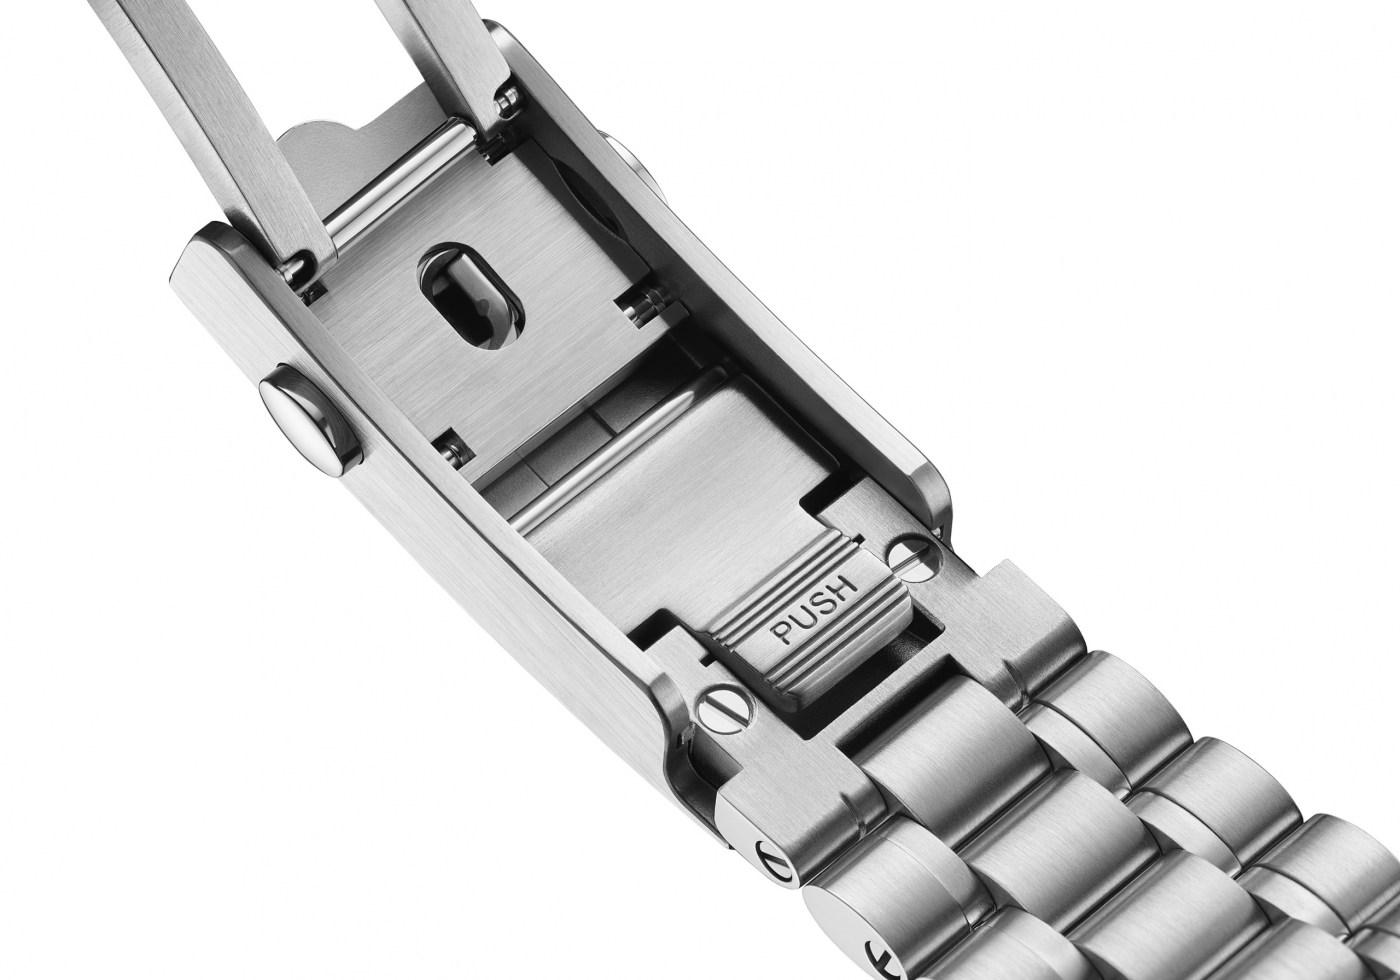 2021 Omega Speedmaster Chronoscope bracelet